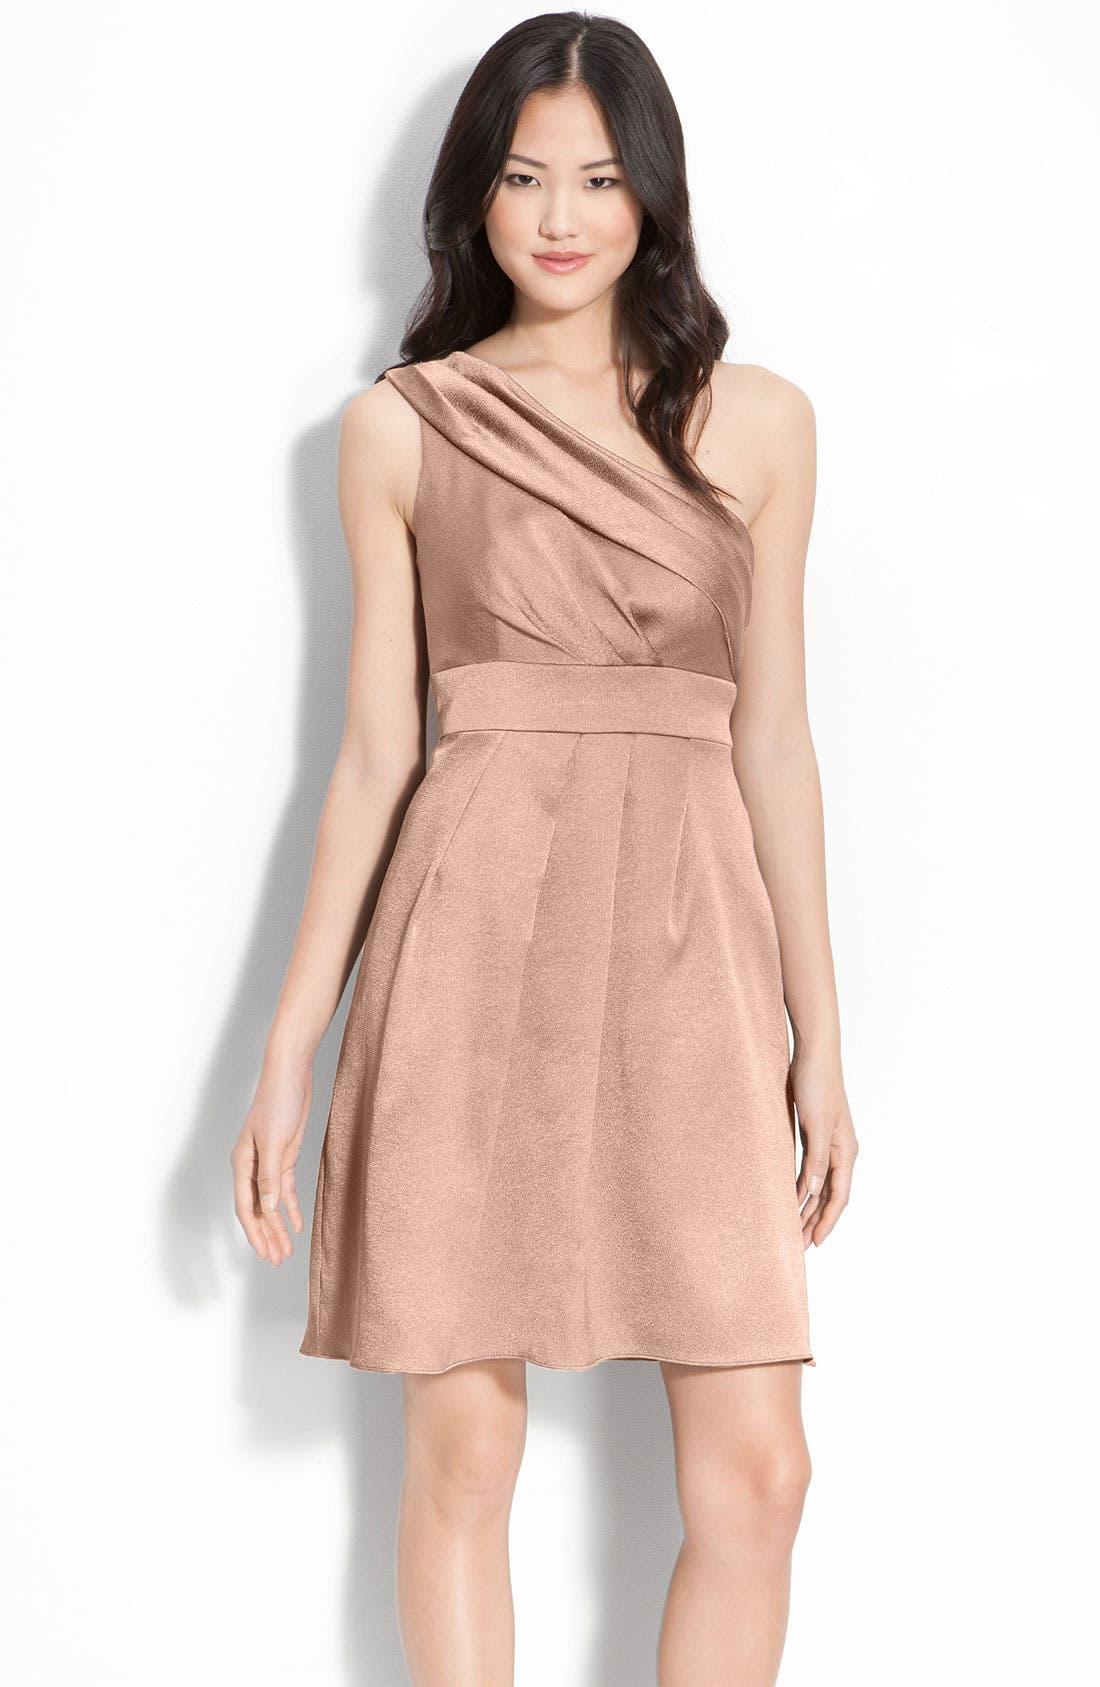 Alternate Image 1 Selected - Jenny Yoo Hammered Satin One Shoulder Dress